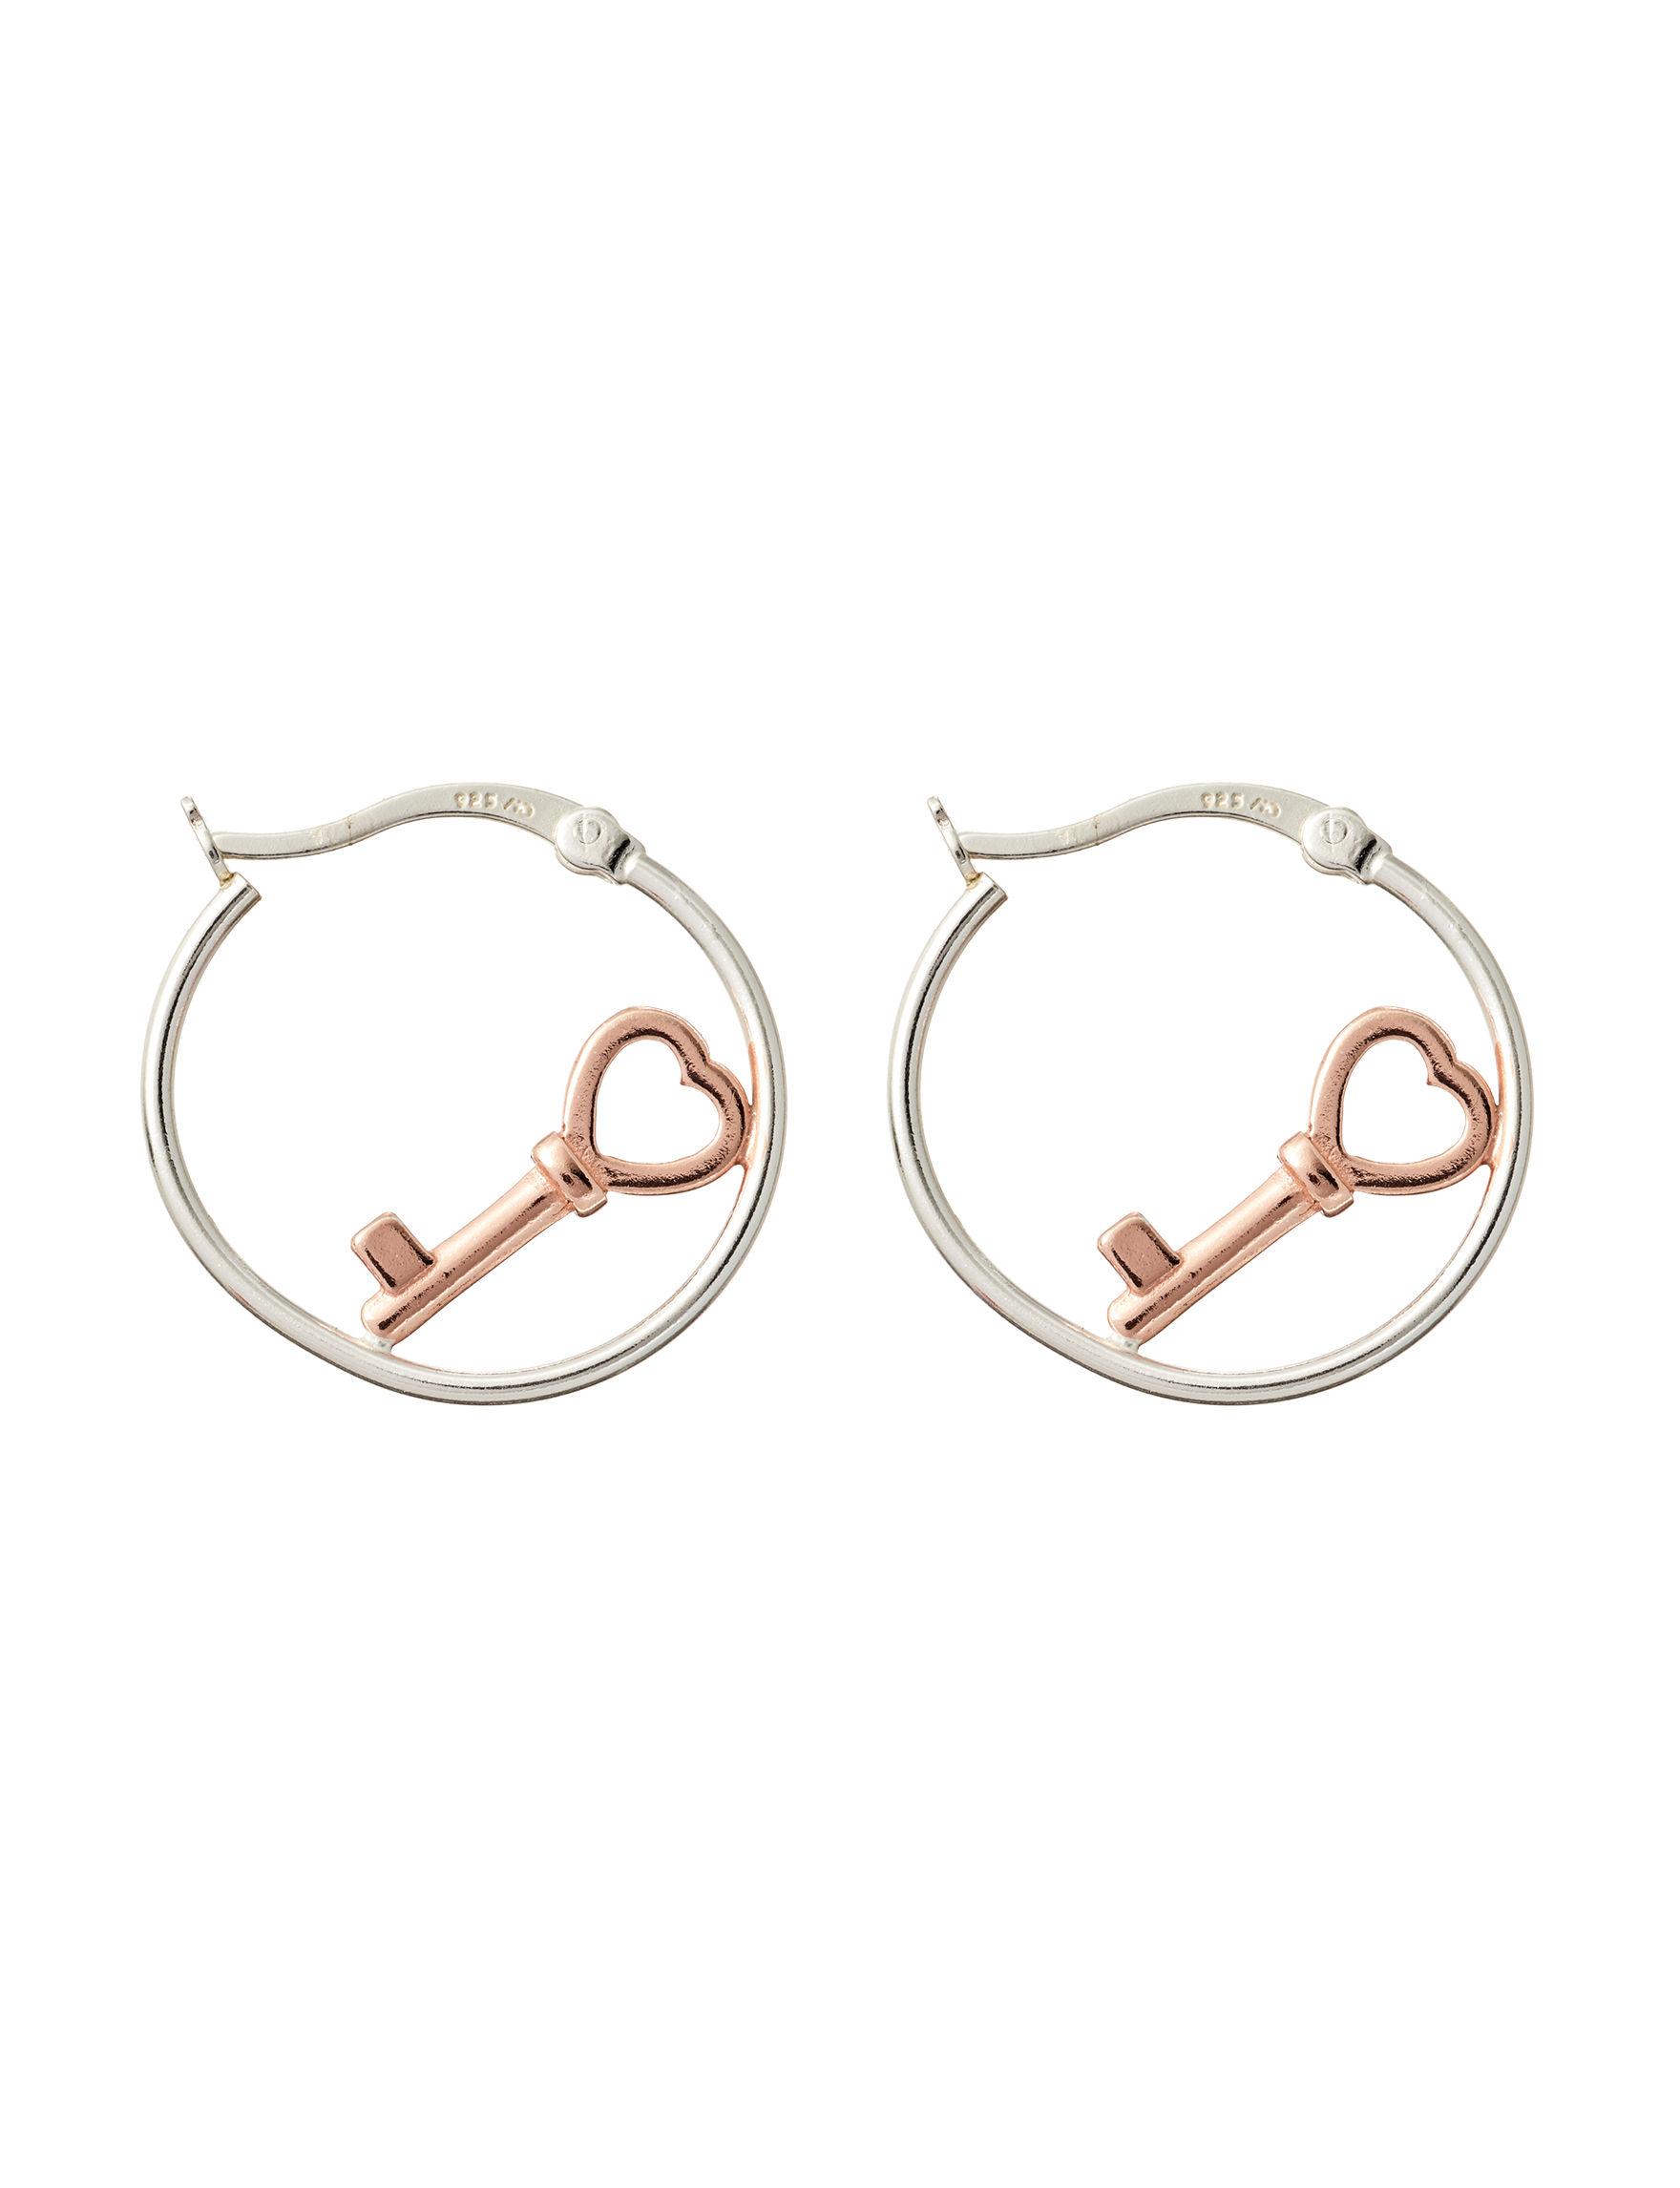 Marsala Two Tone Hoops Earrings Fine Jewelry